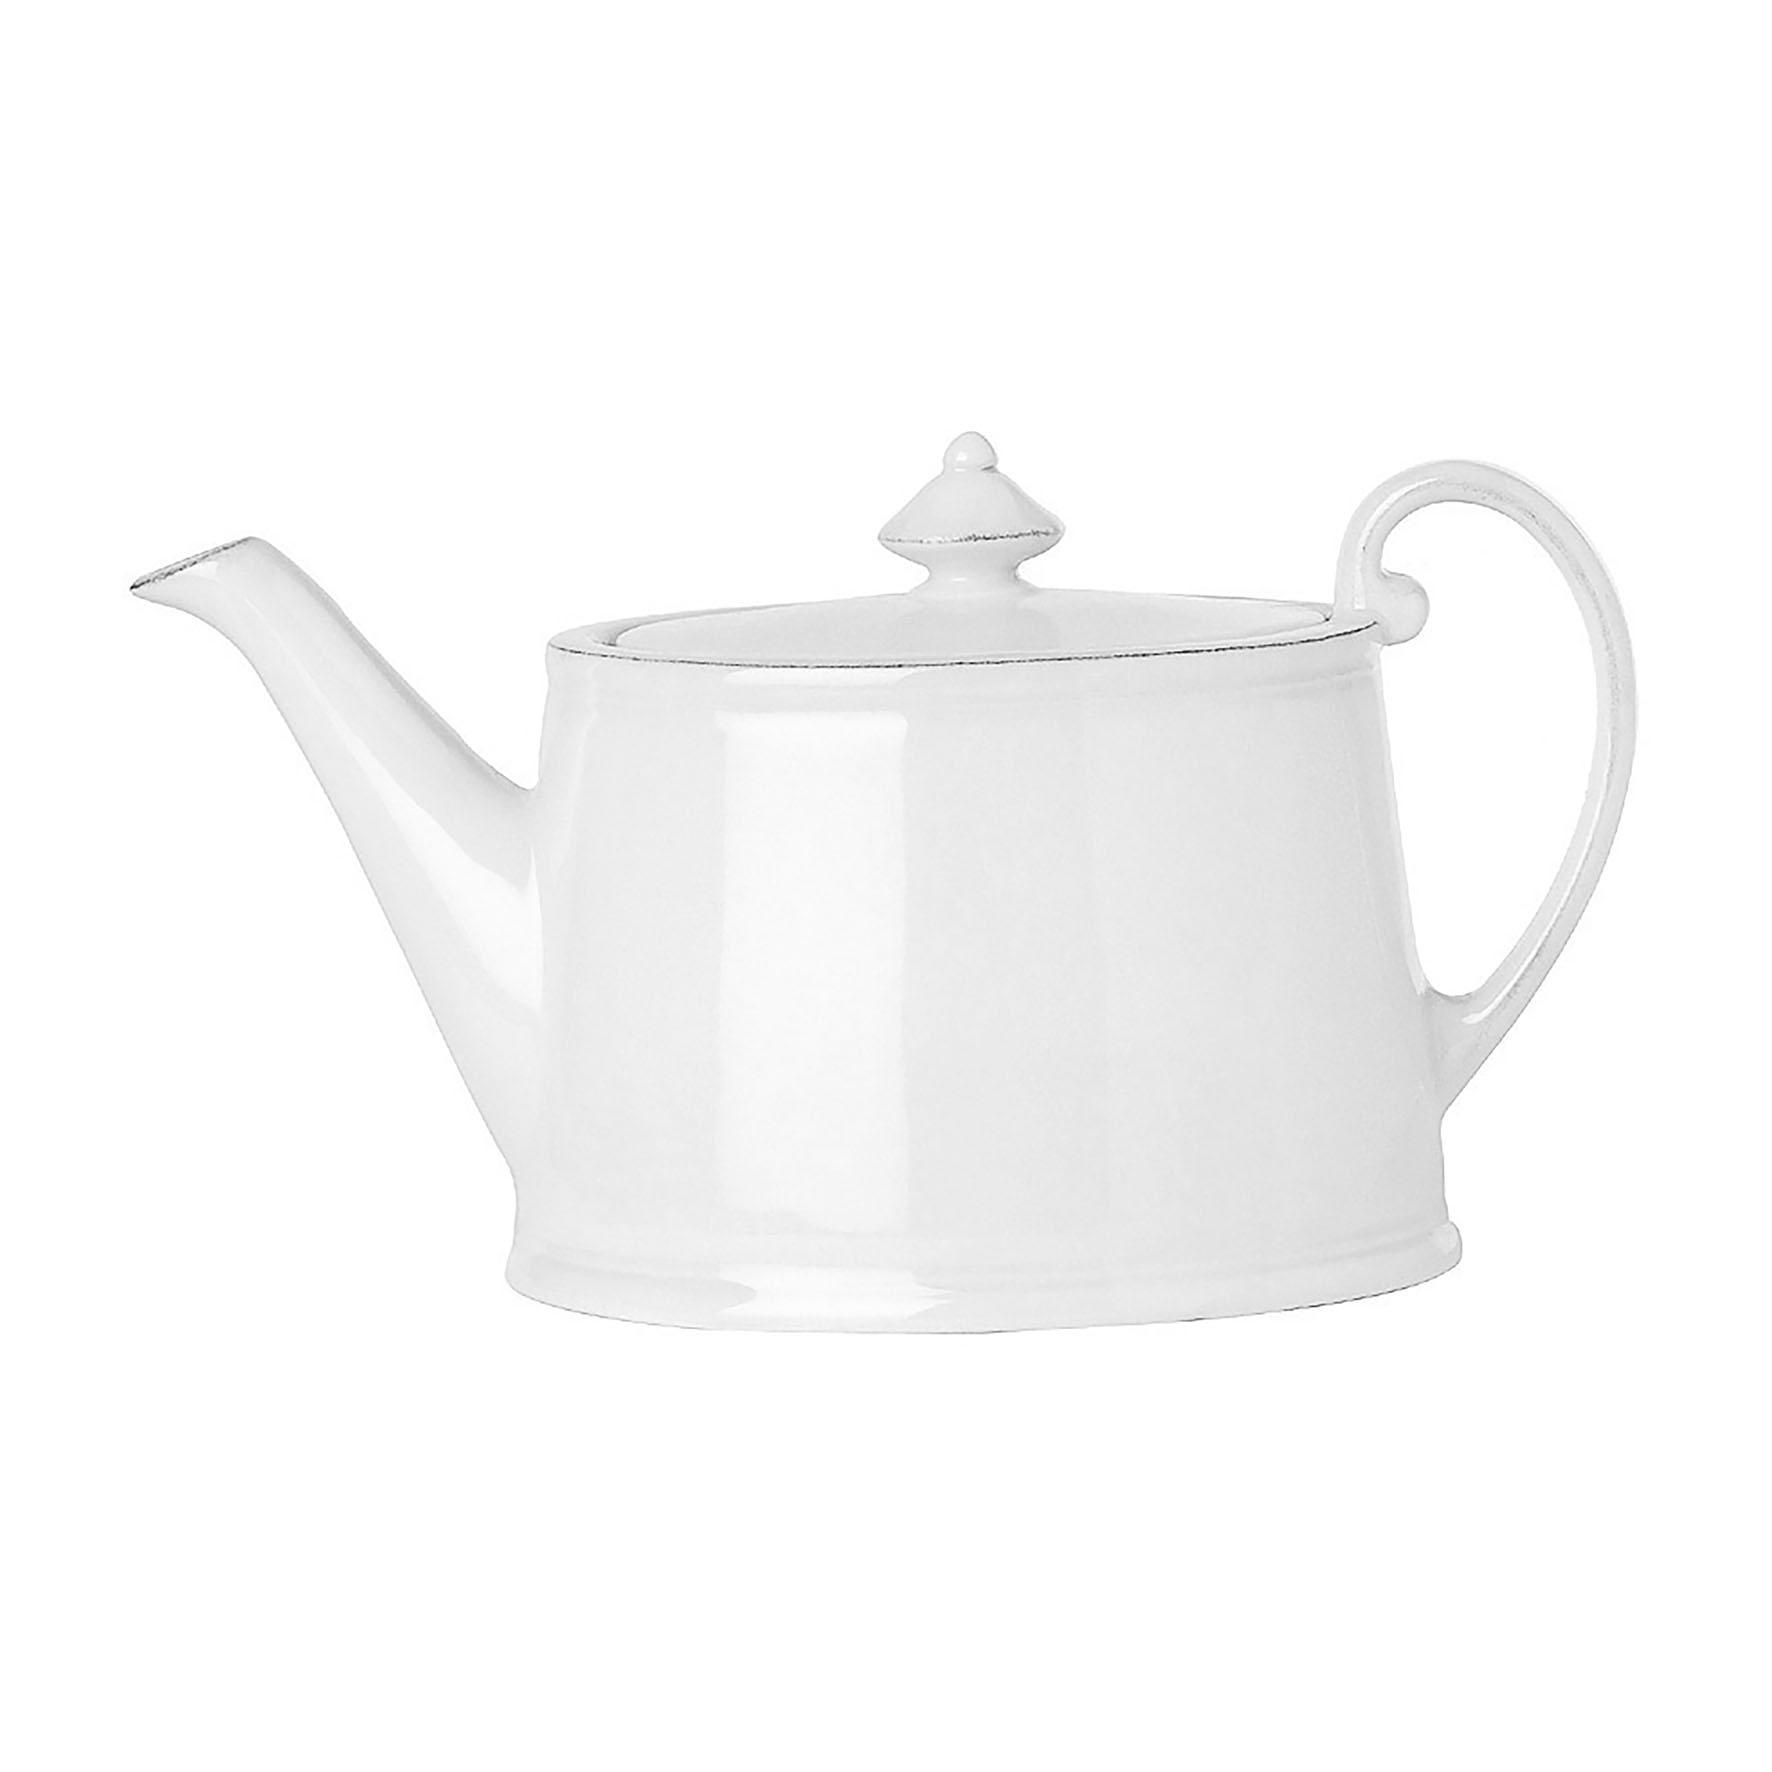 CÔTÉ TABLE Konvice na čaj Constance white, bílá barva, keramika